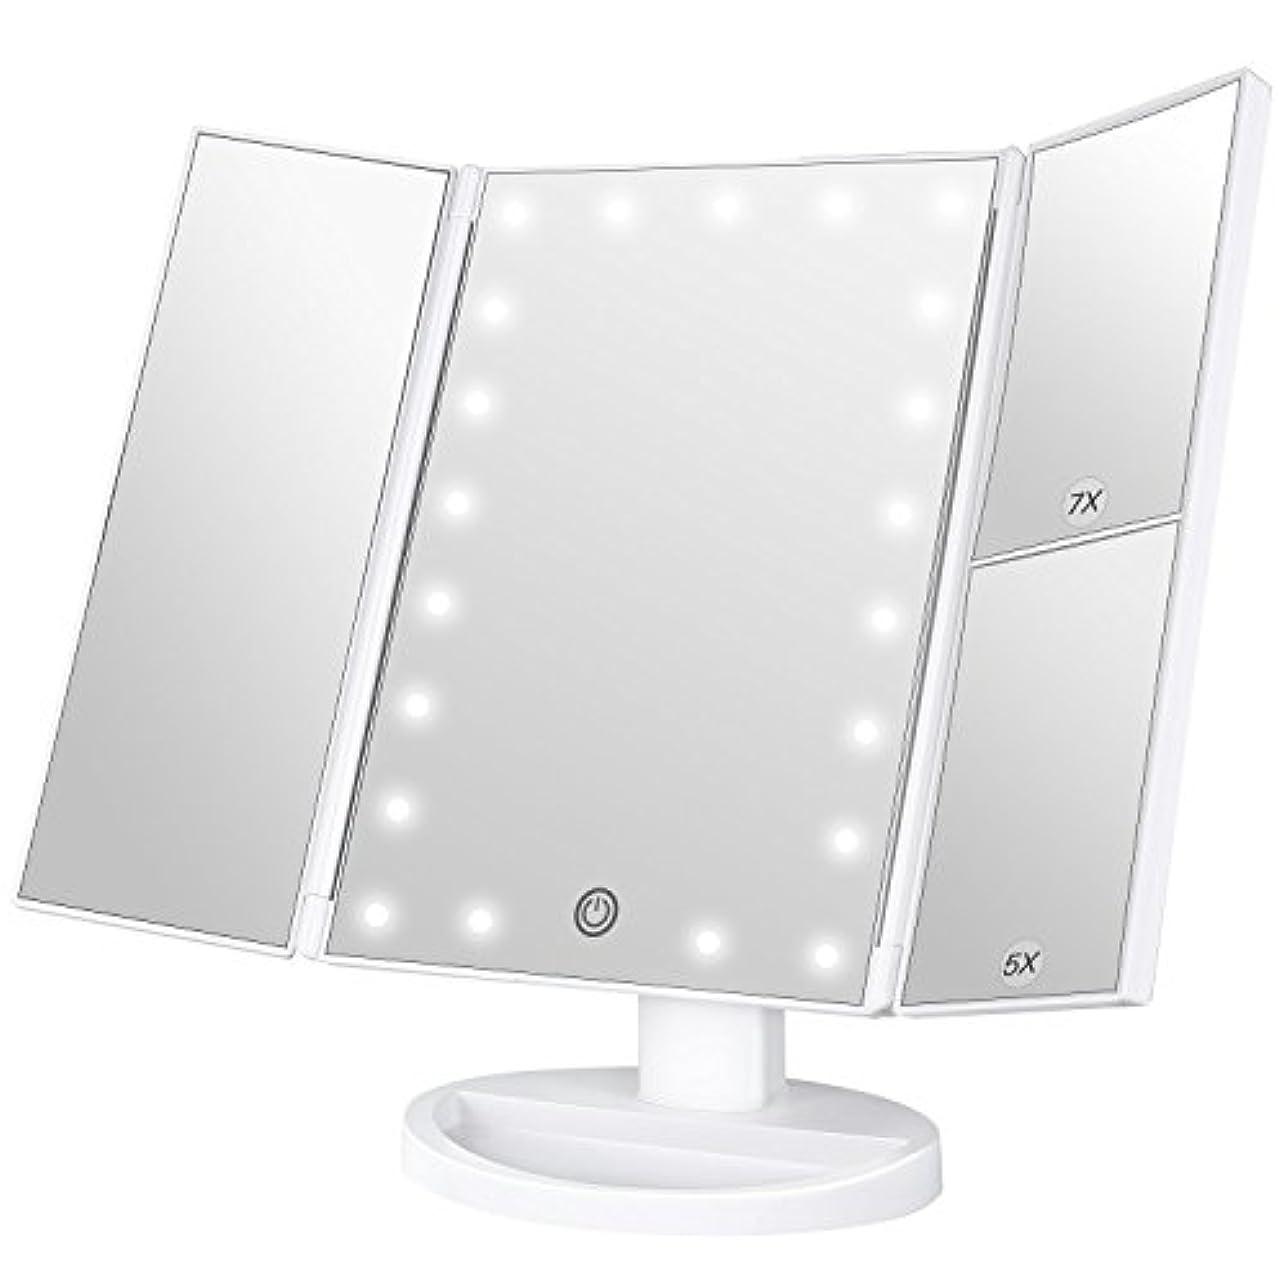 一部出費セクタBESTOPE 化粧鏡 卓上ミラー 鏡 三面鏡 卓上 led付き 折りたたみ 拡大鏡 5倍 7倍 明るさ調節可能 180°回転 電池&USB 2WAY給電 (ホワイト)